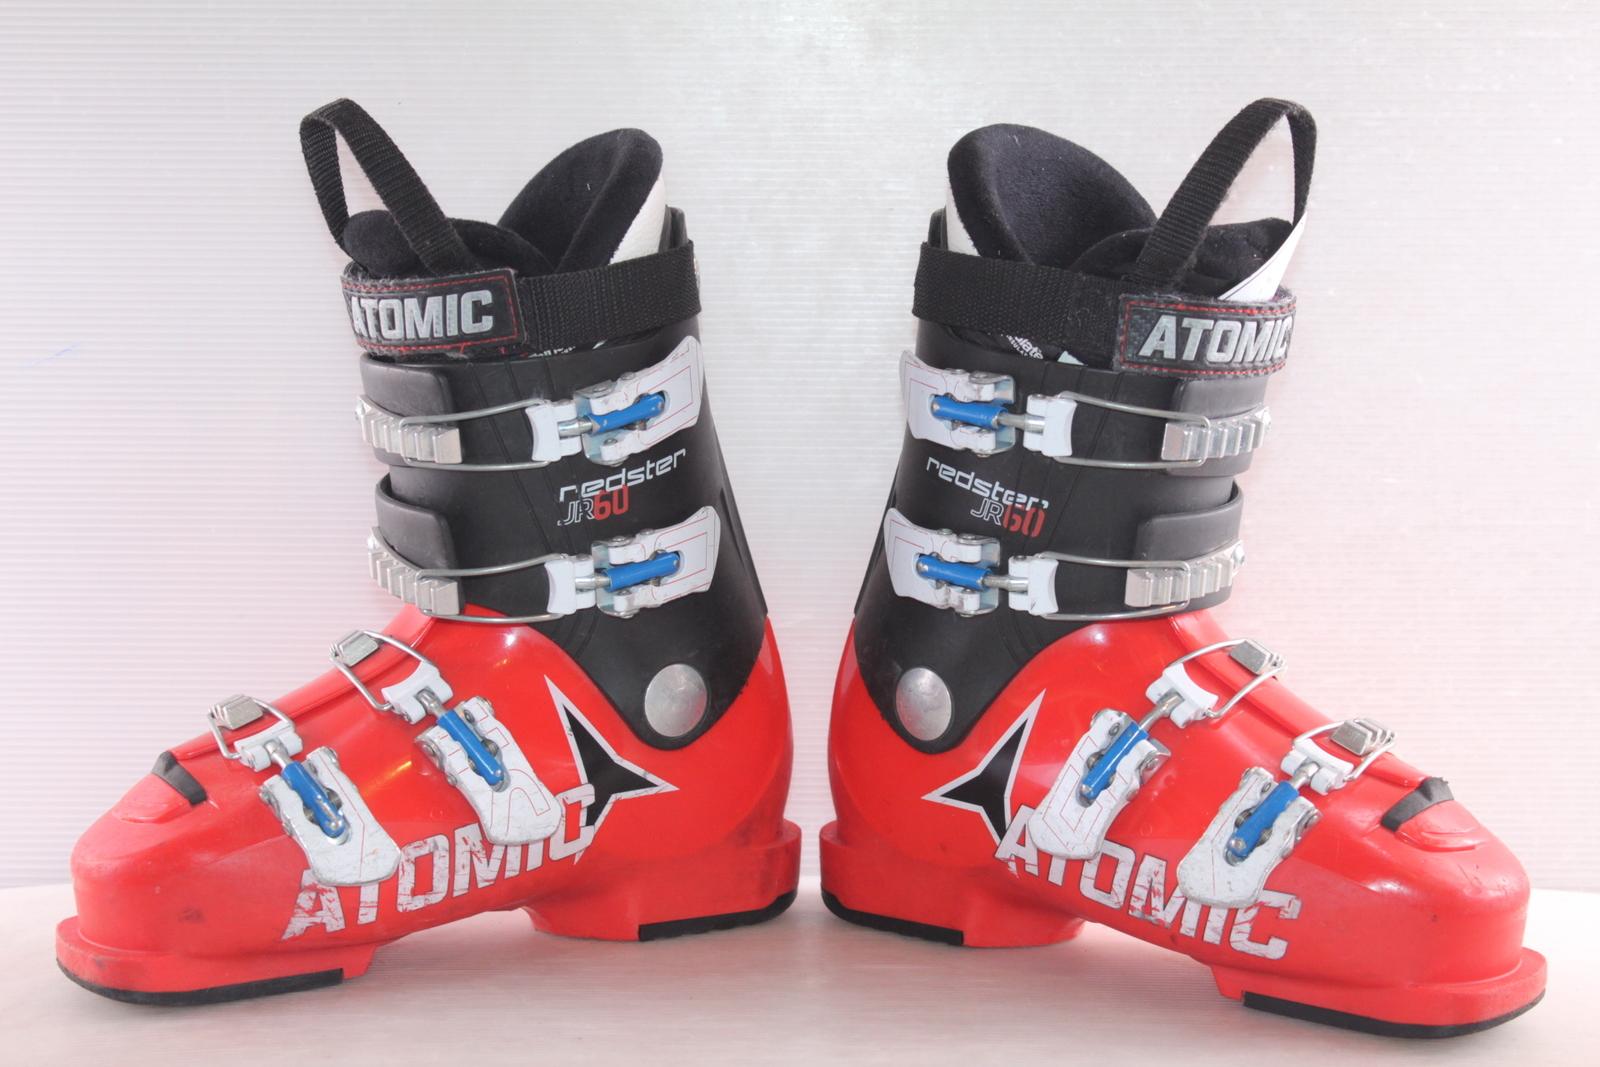 Dětské lyžáky Atomic Redster JR 60 vel. EU36.5 flexe 60